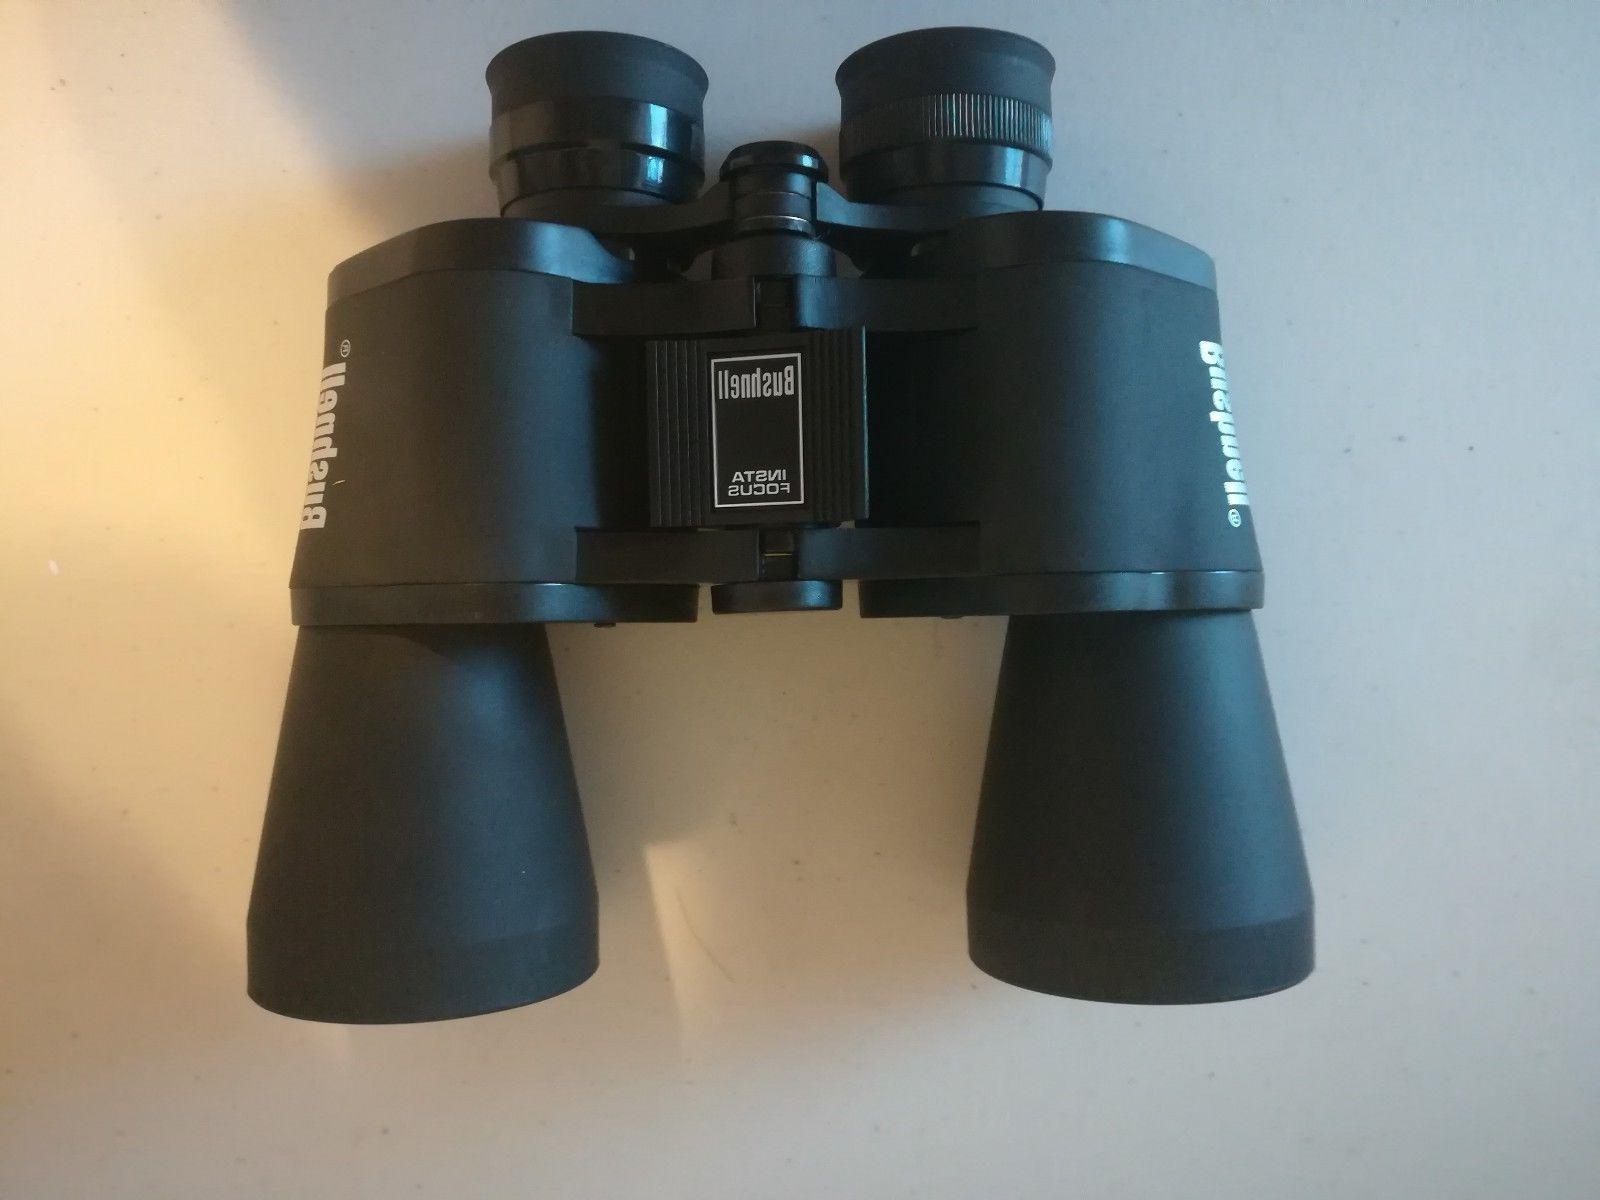 binocular 10x50